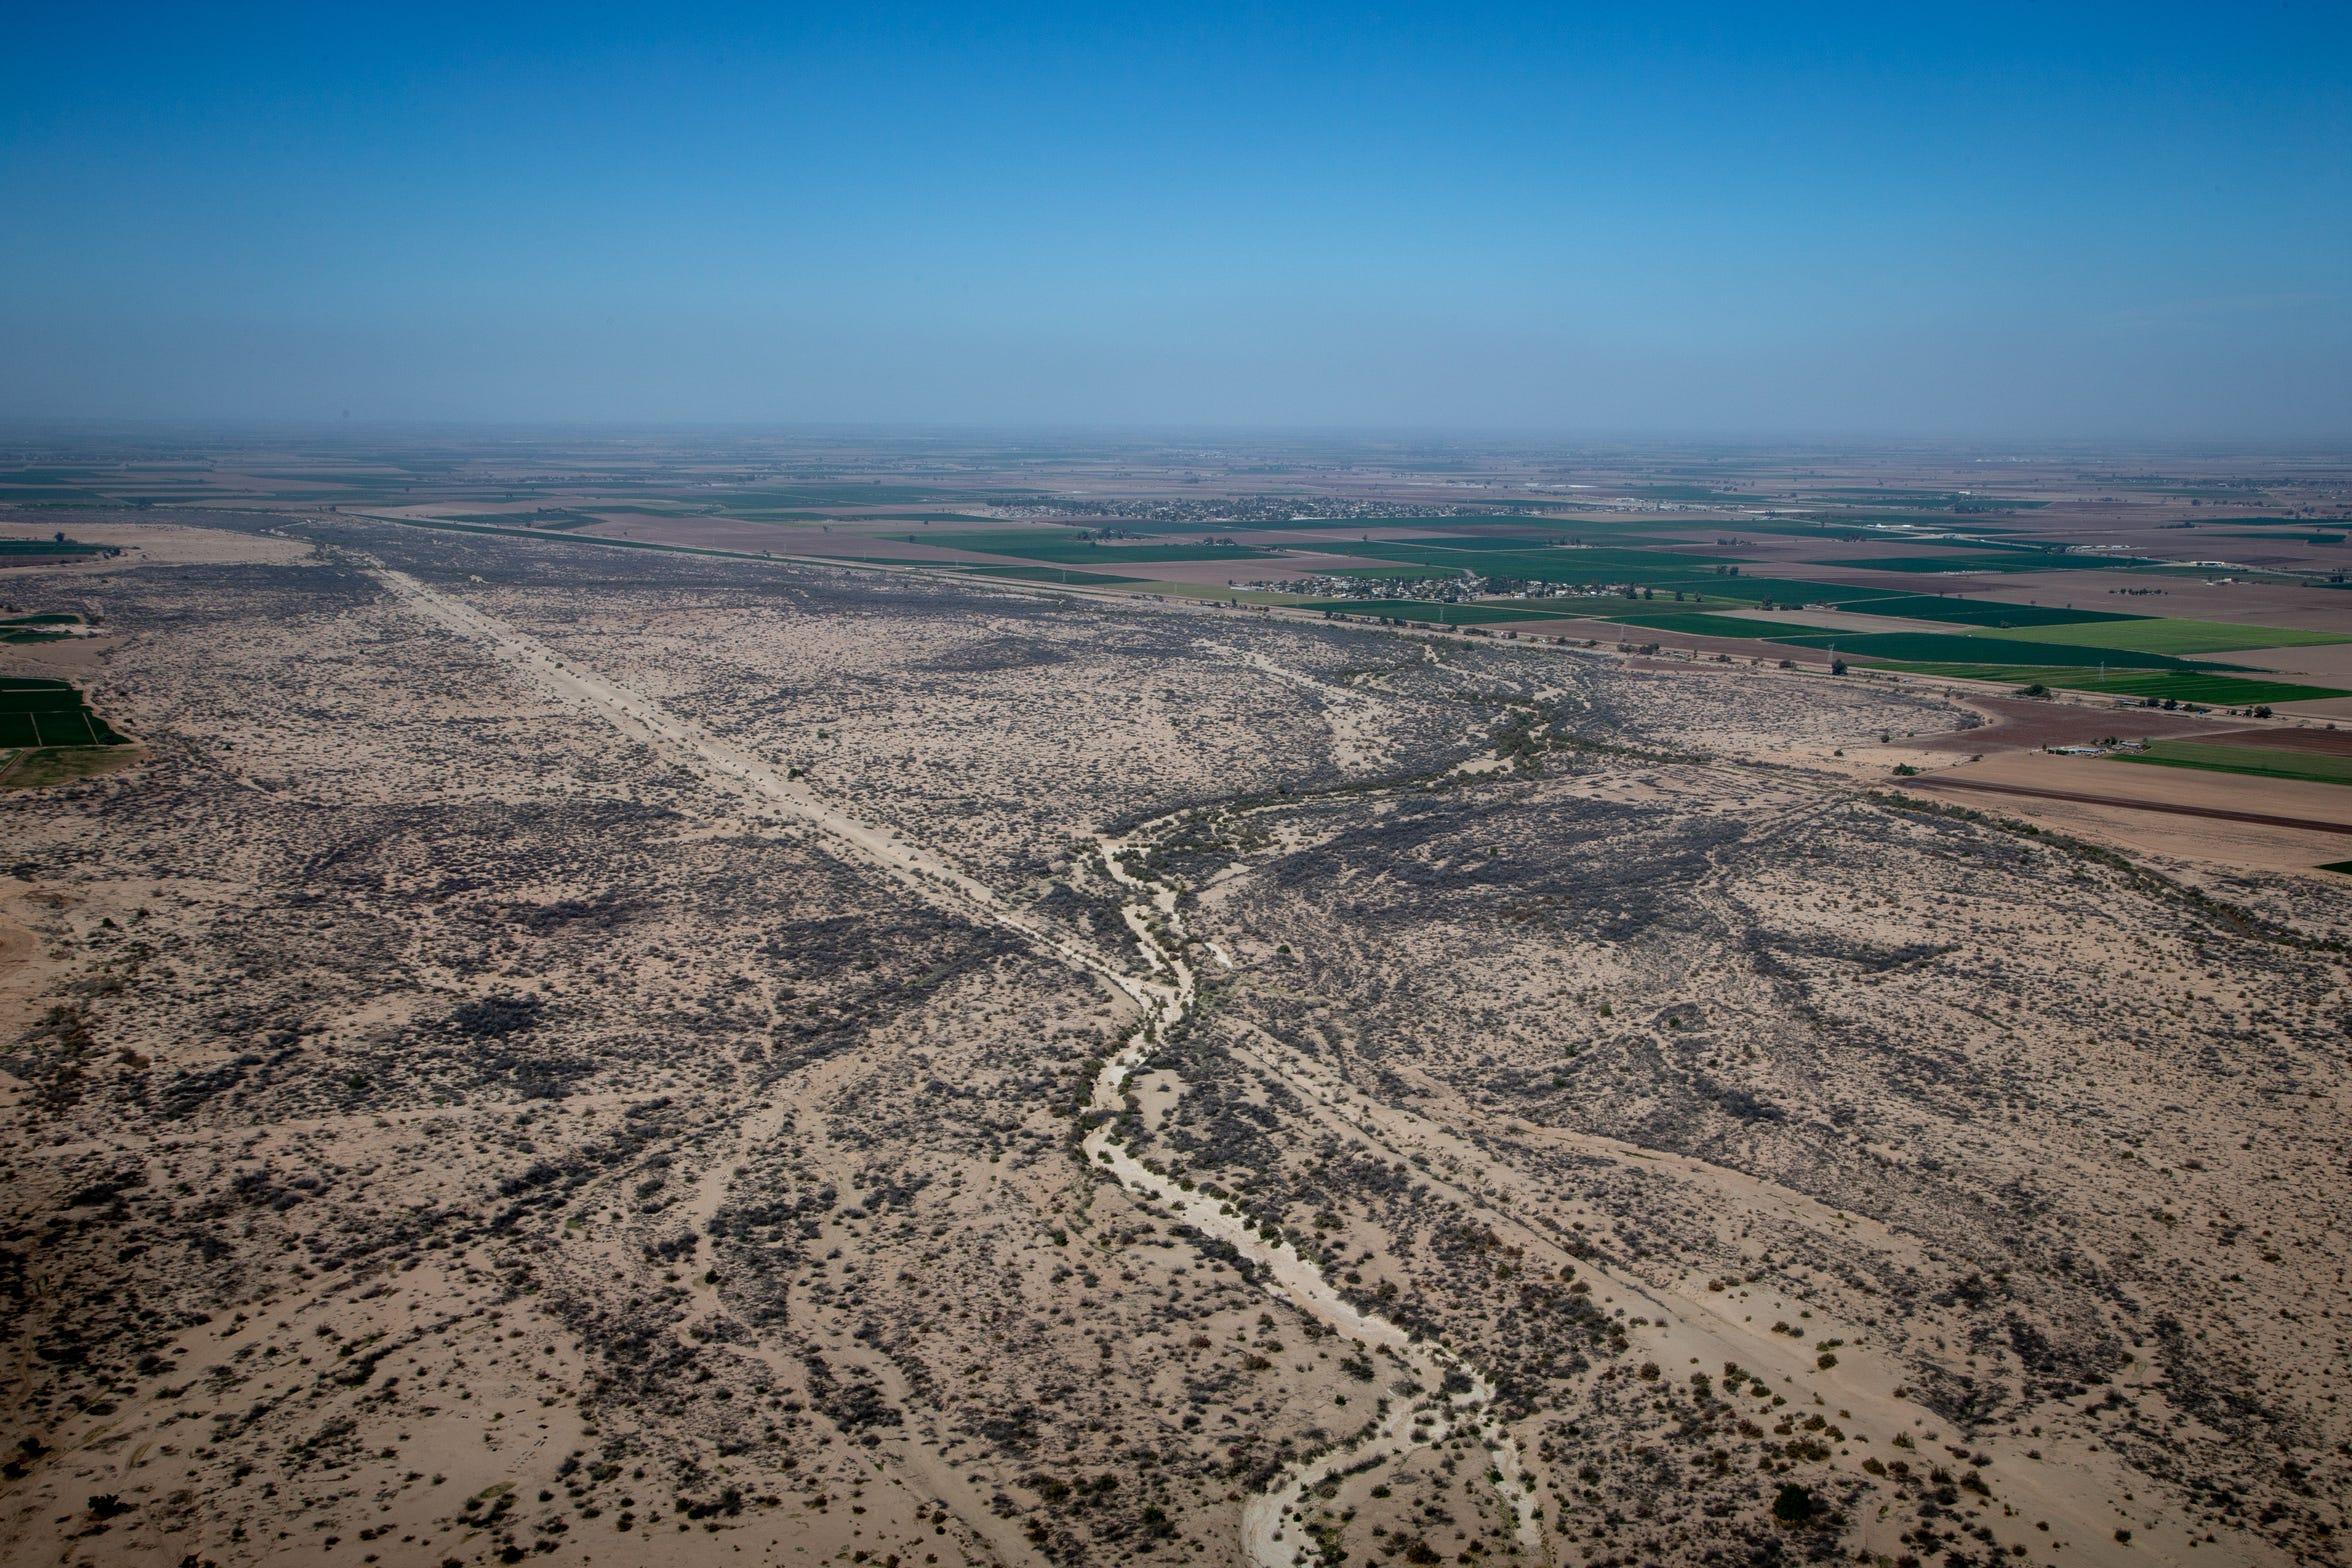 El canal seco del río Colorado serpentea a través del valle de Mexicali.